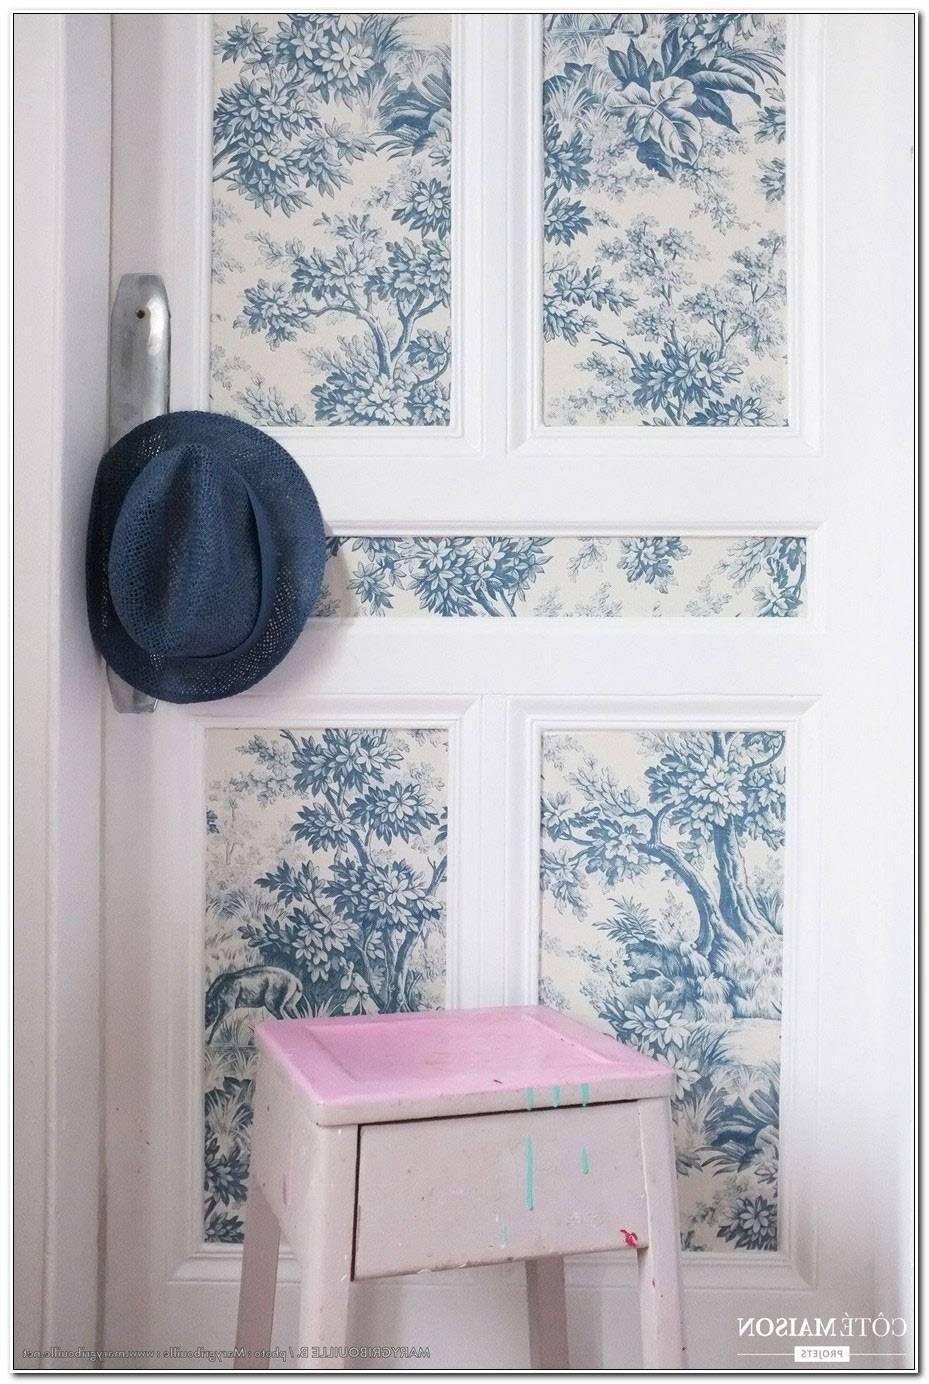 Papier Peint Toile De Jouy Moderne